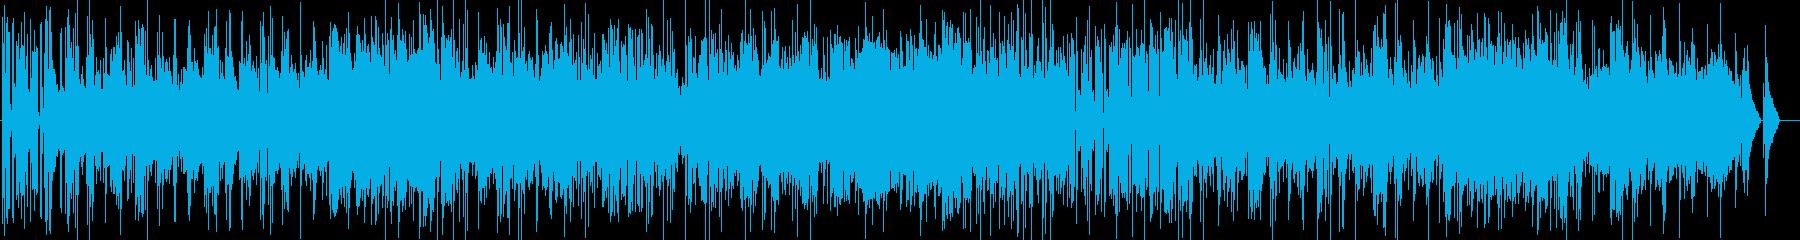 ゆっくり明るいボサノバジャズの曲の再生済みの波形